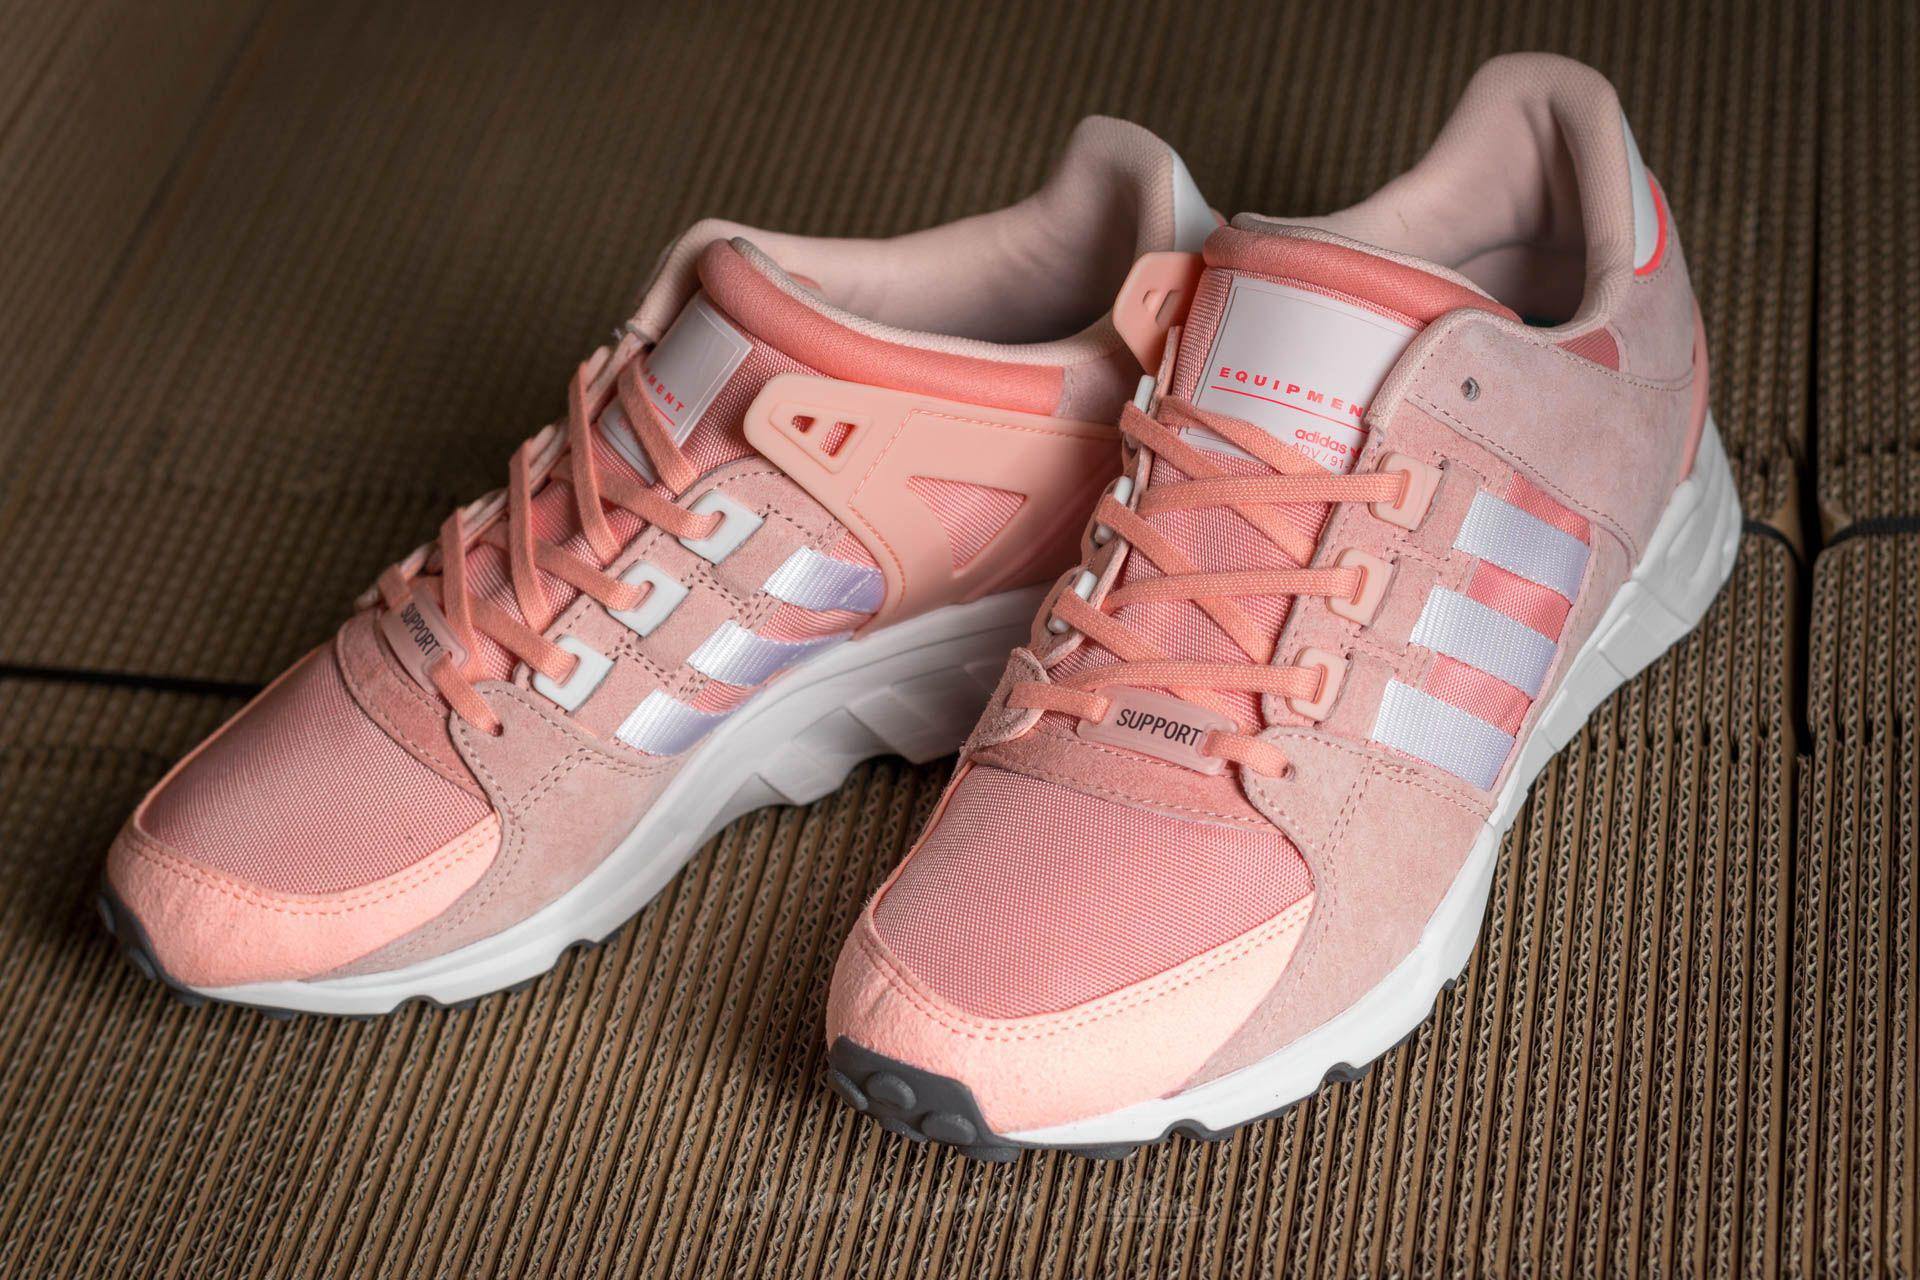 8d78adc41f96 Lyst - adidas Originals Adidas Eqt Support Rf W Haze Coral  Ftw ...